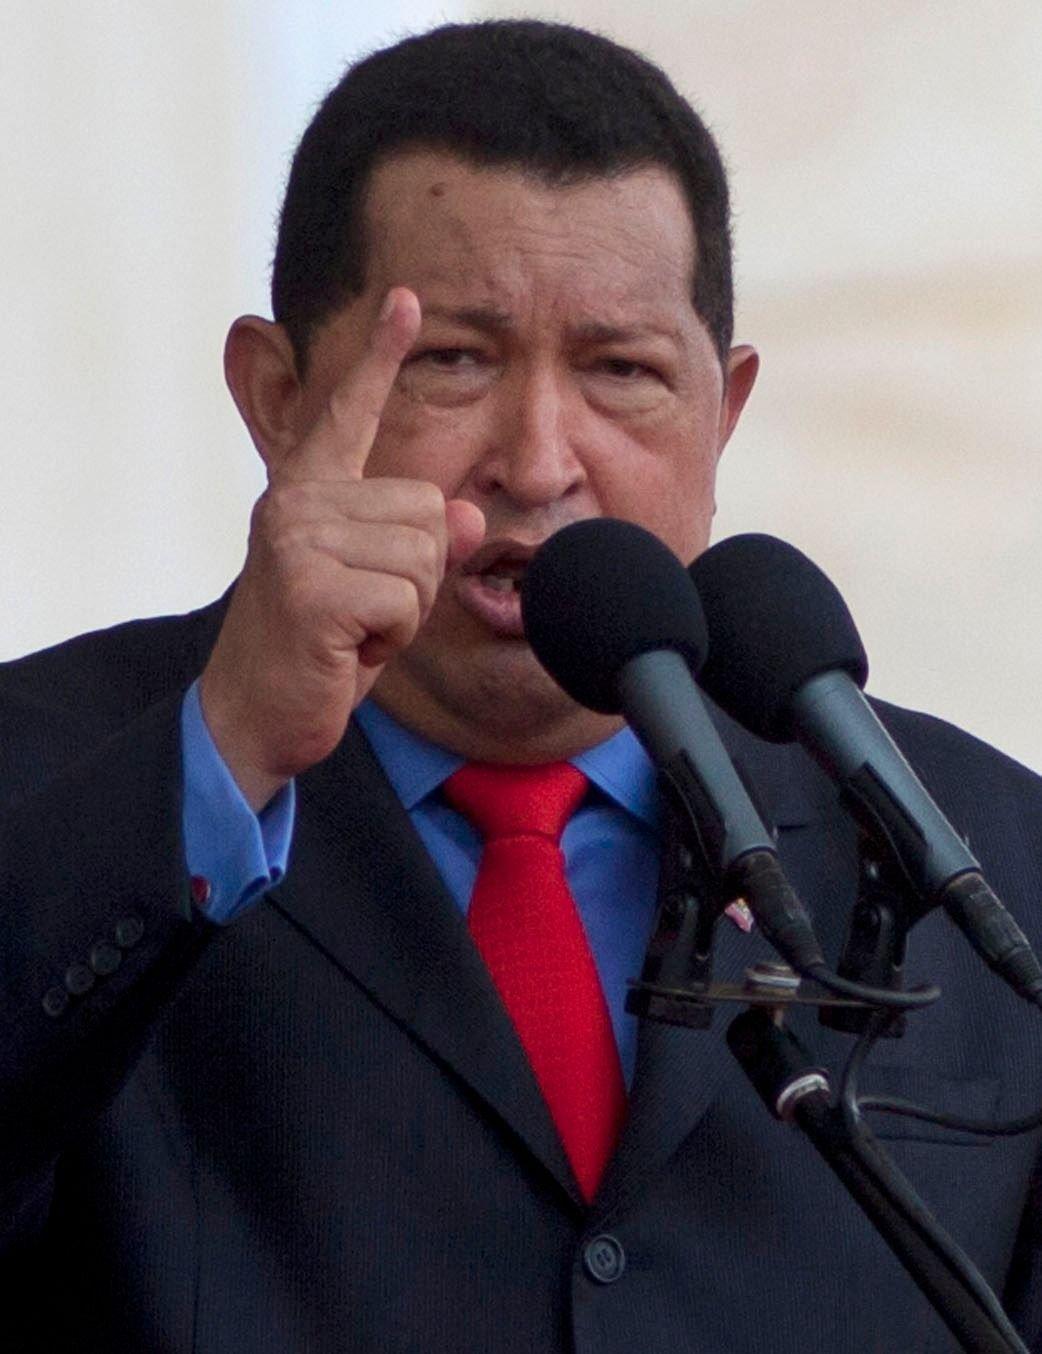 España plantea a la Unión Europea cambiar sanciones por diálogo con Venezuela